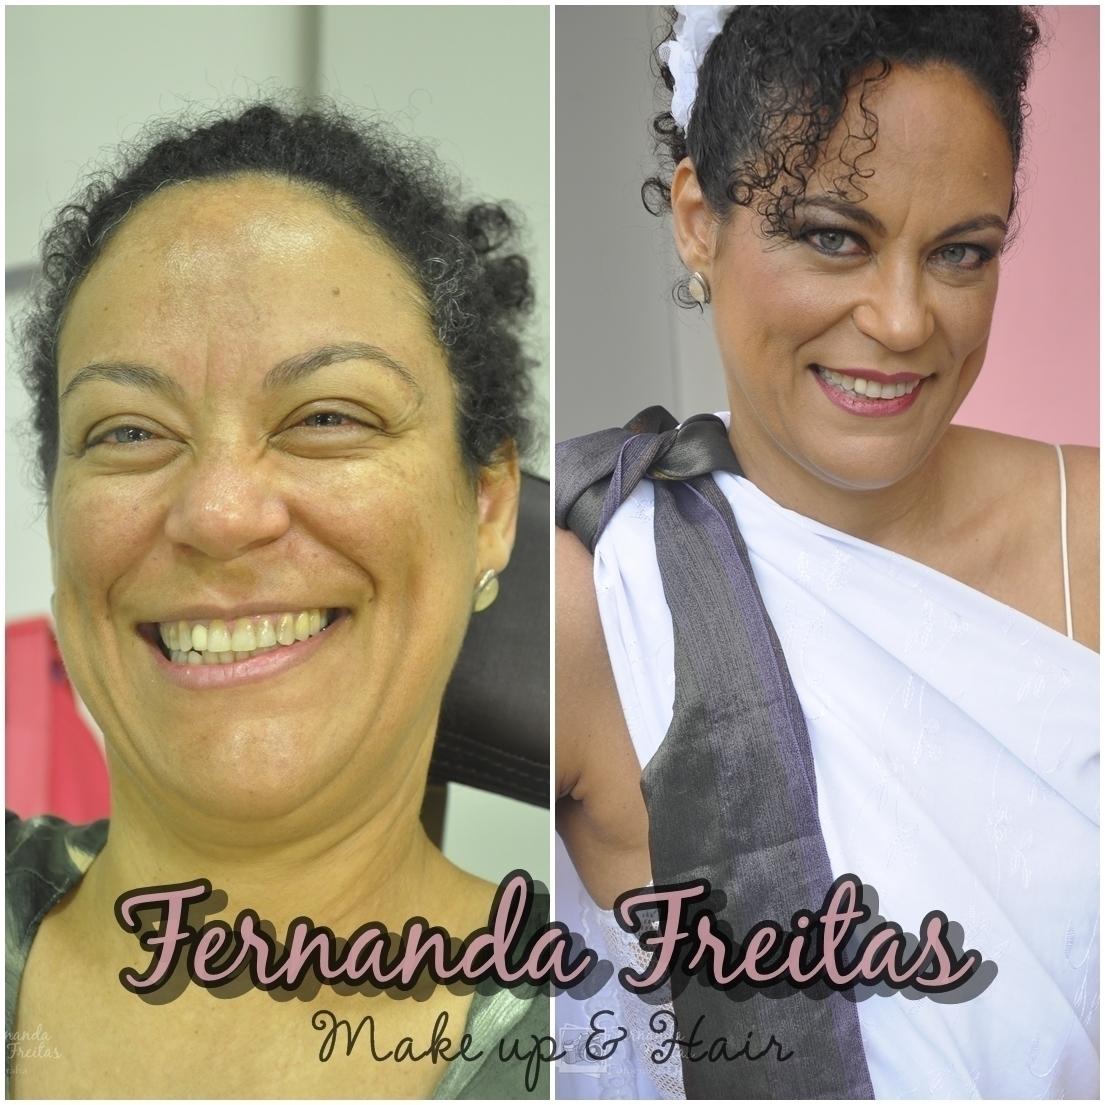 maquiador(a) docente / professor(a) recepcionista